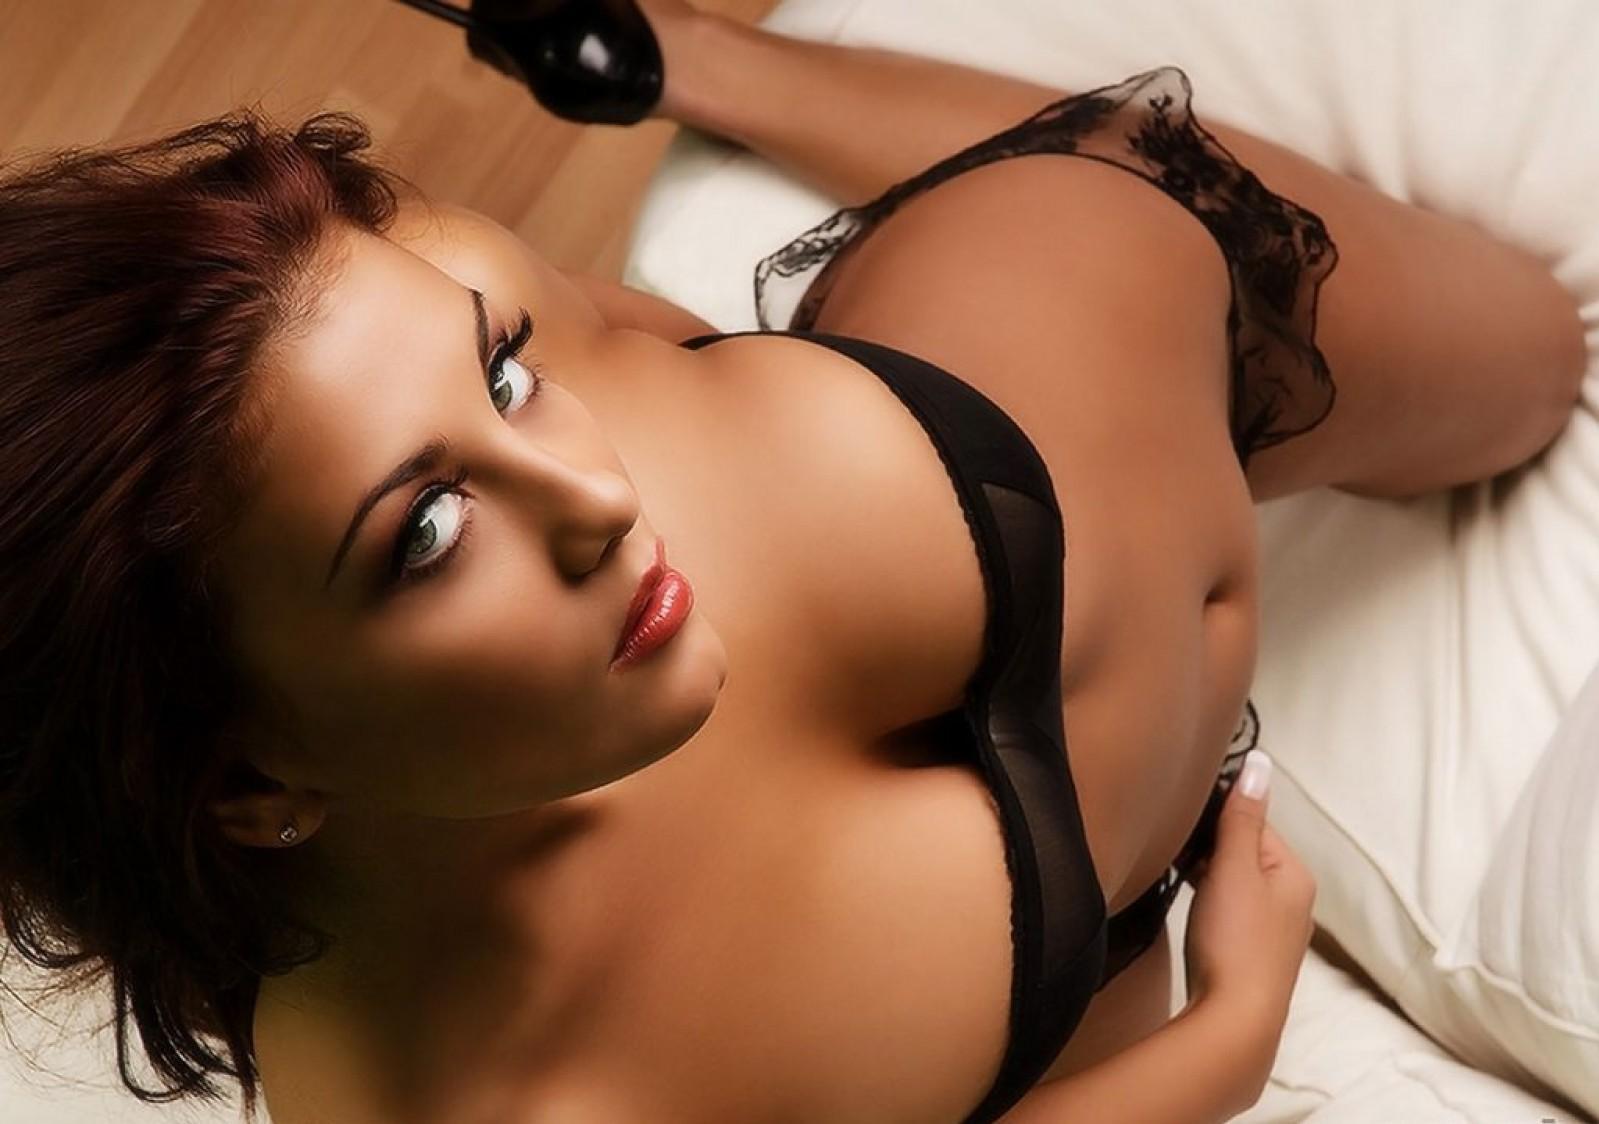 красивые картинки девушек на рабочий стол секс